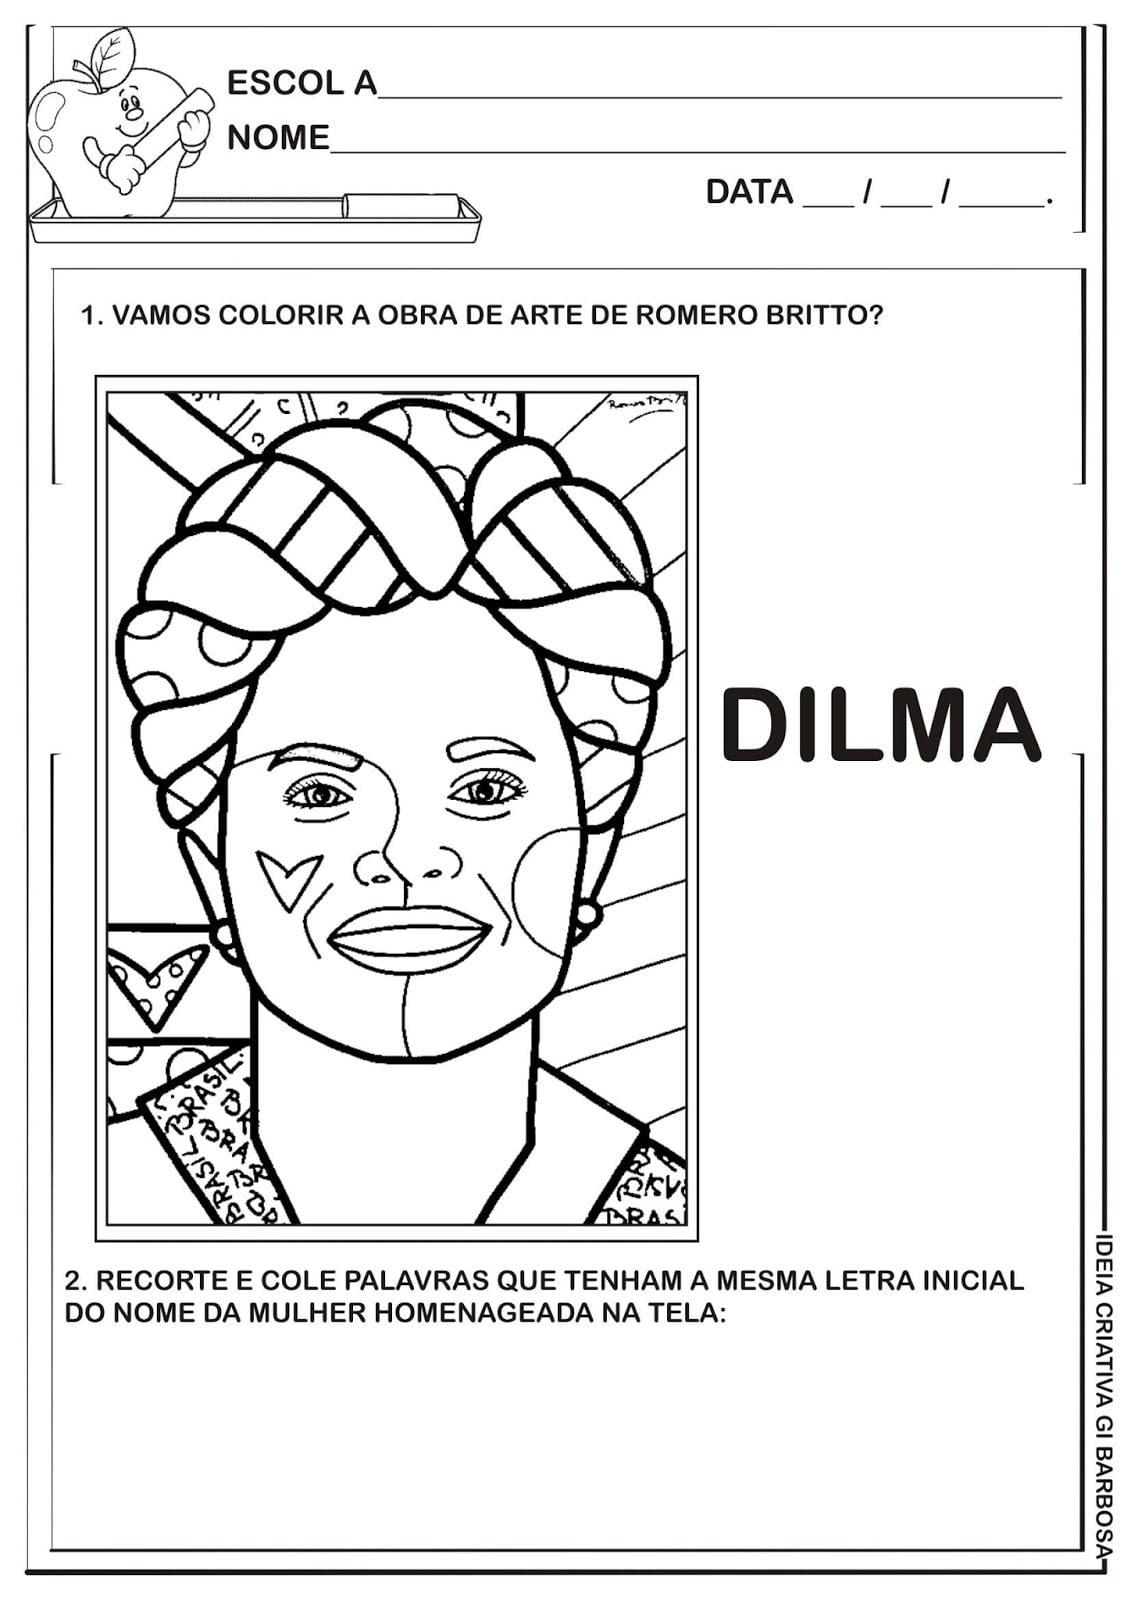 Atividade Letra D Releitura De Obra Romero Britto Presidente Dilma